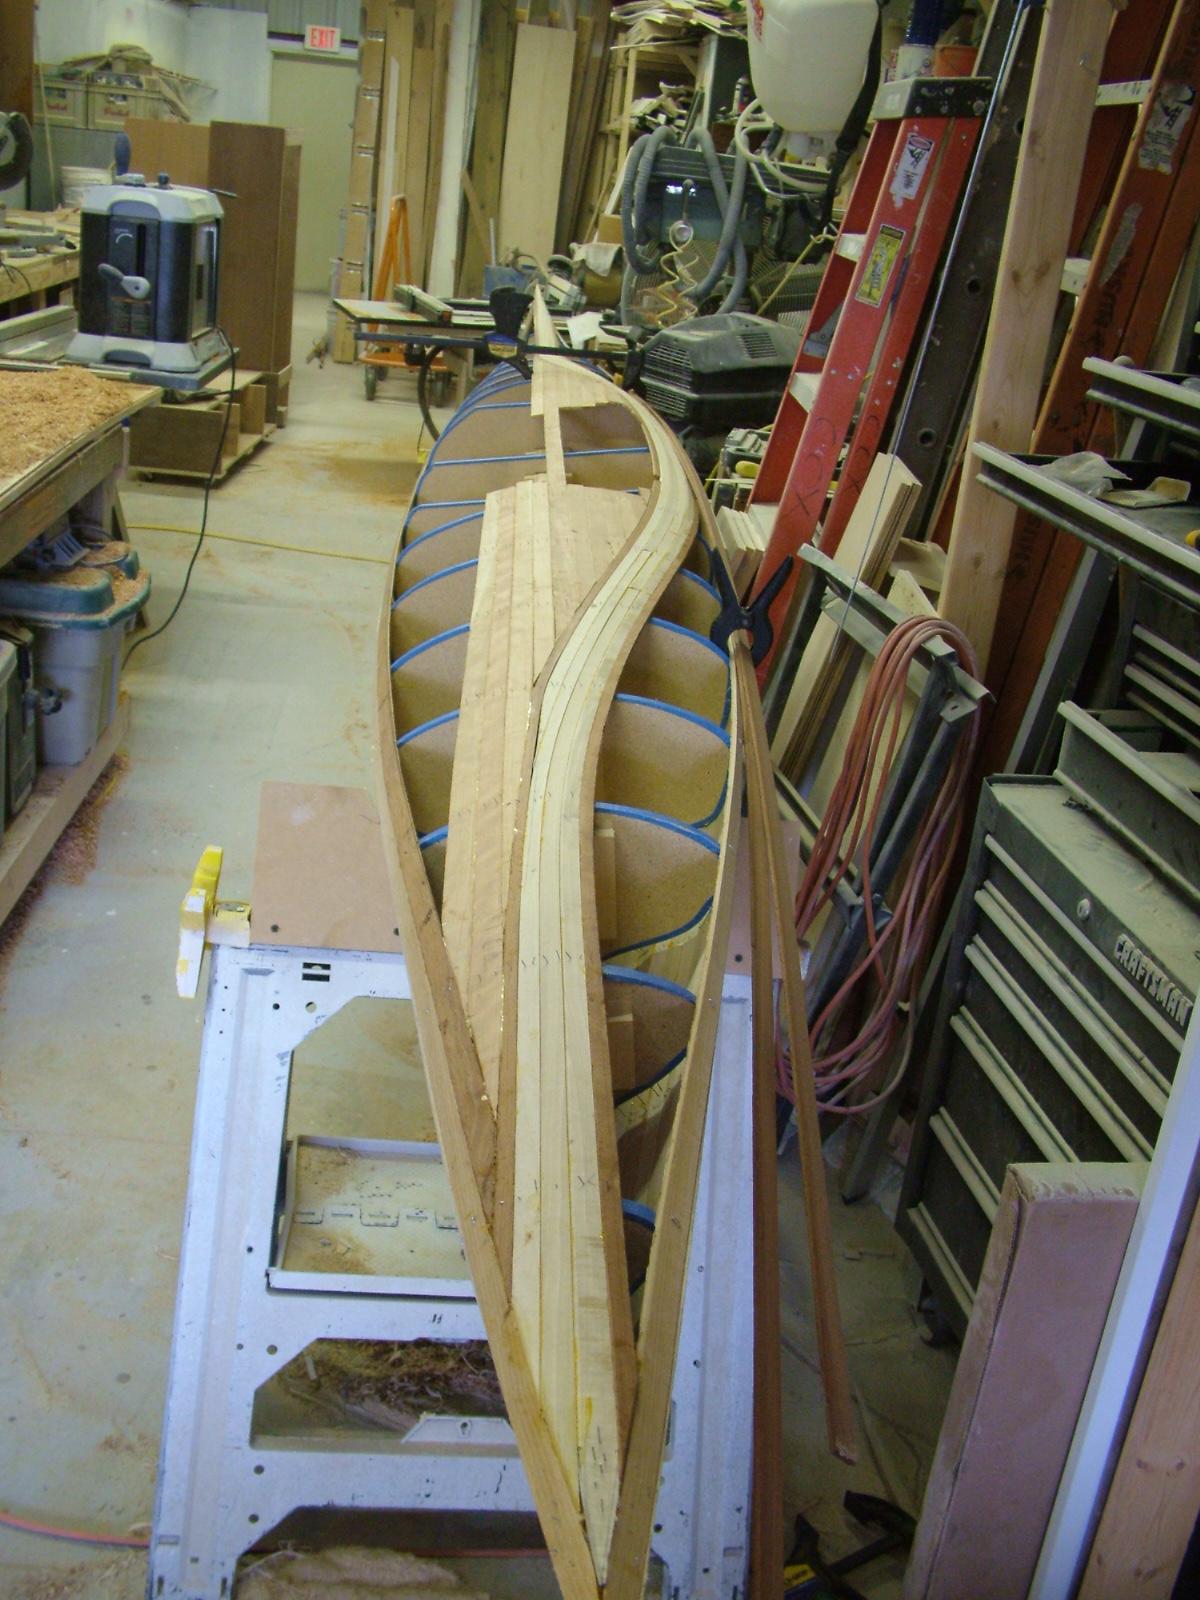 My First Wood Strip Kayak | Kayakkev's Blog